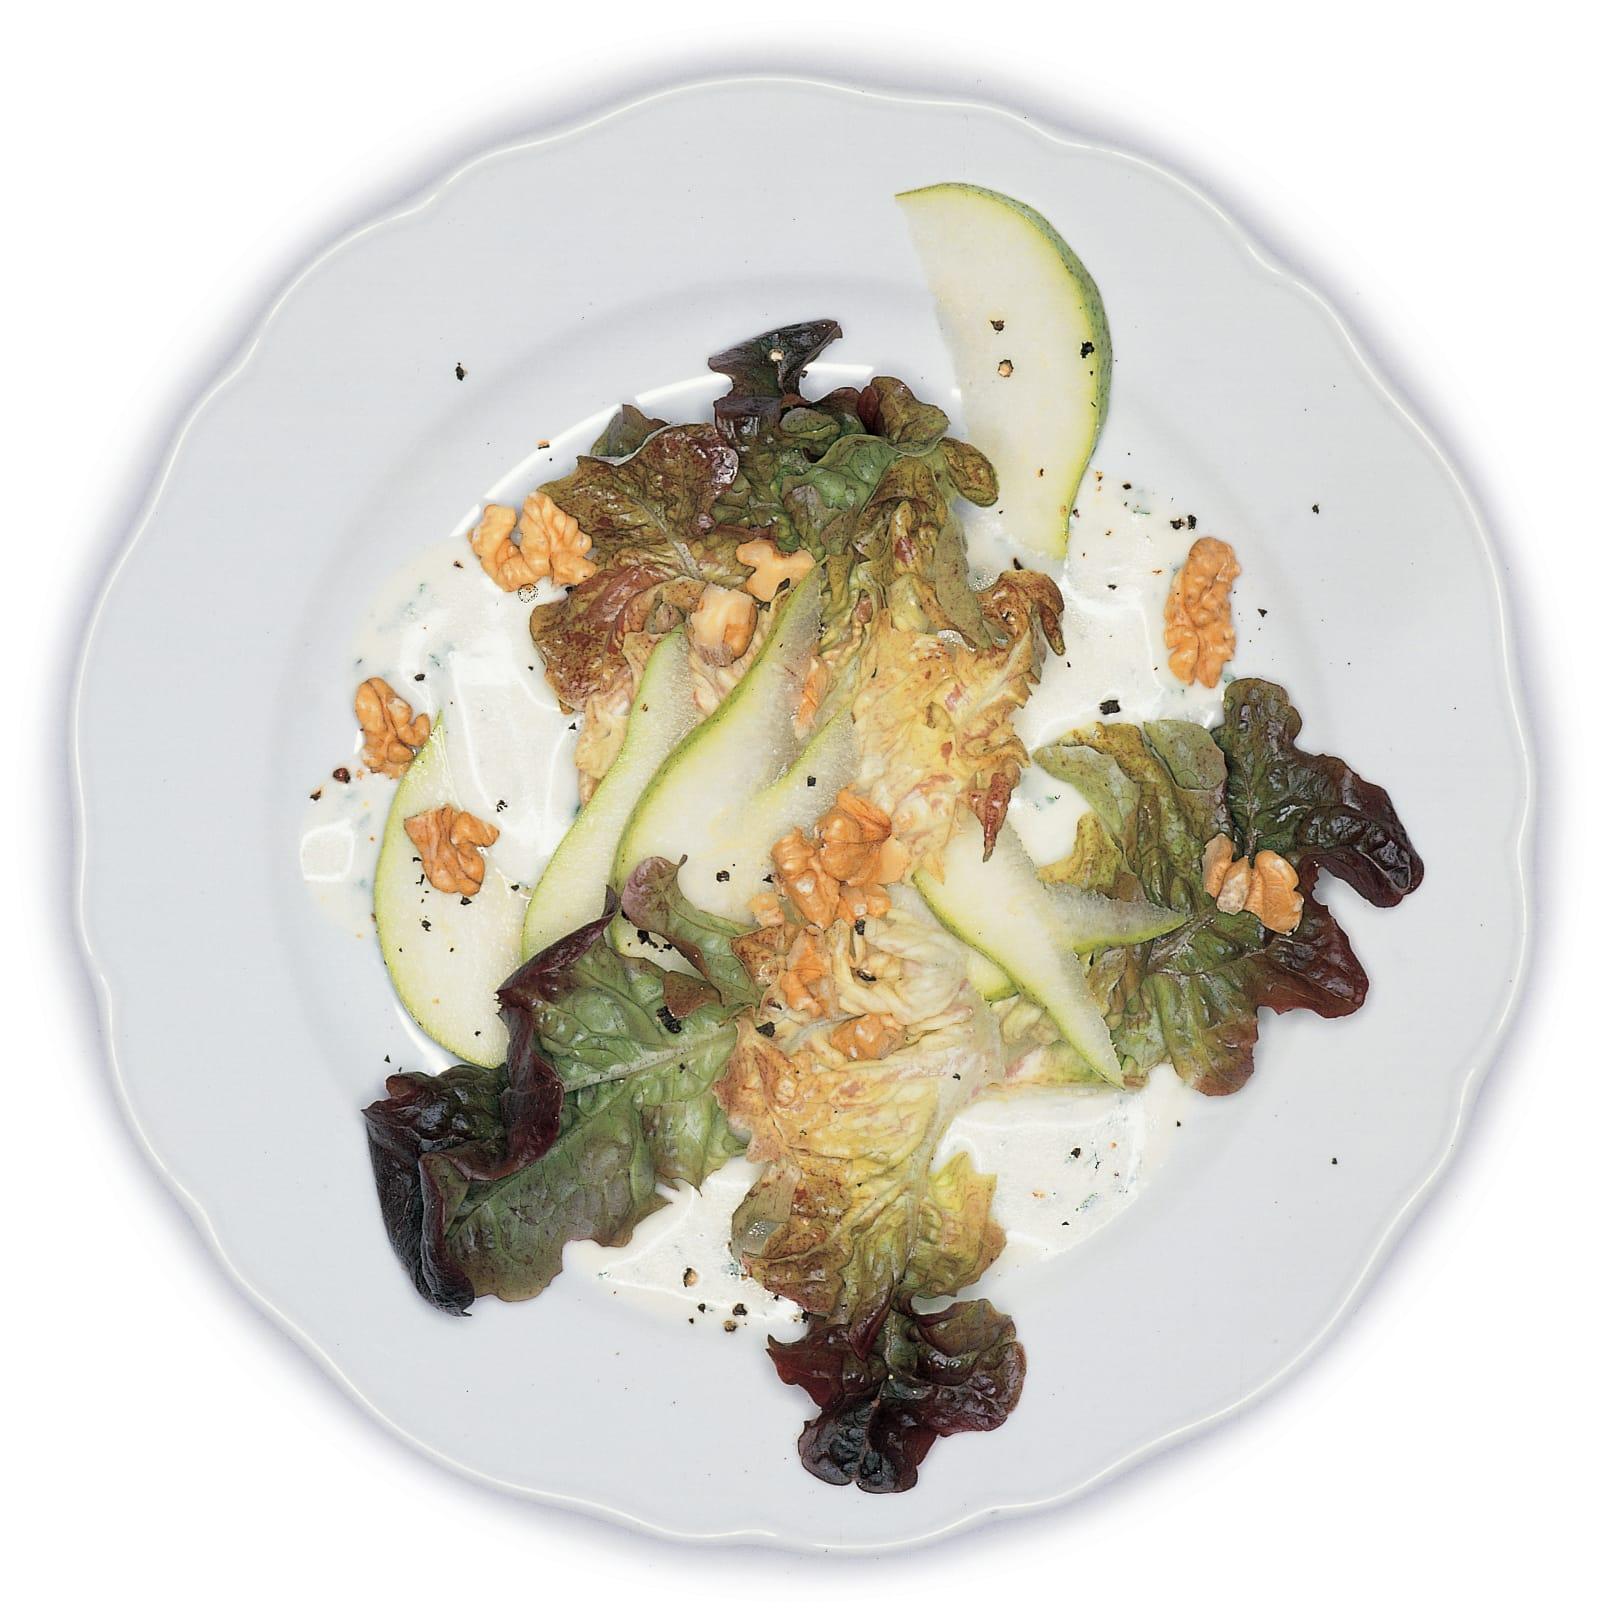 Eichblattsalat mit Birnen und Baumnüssen